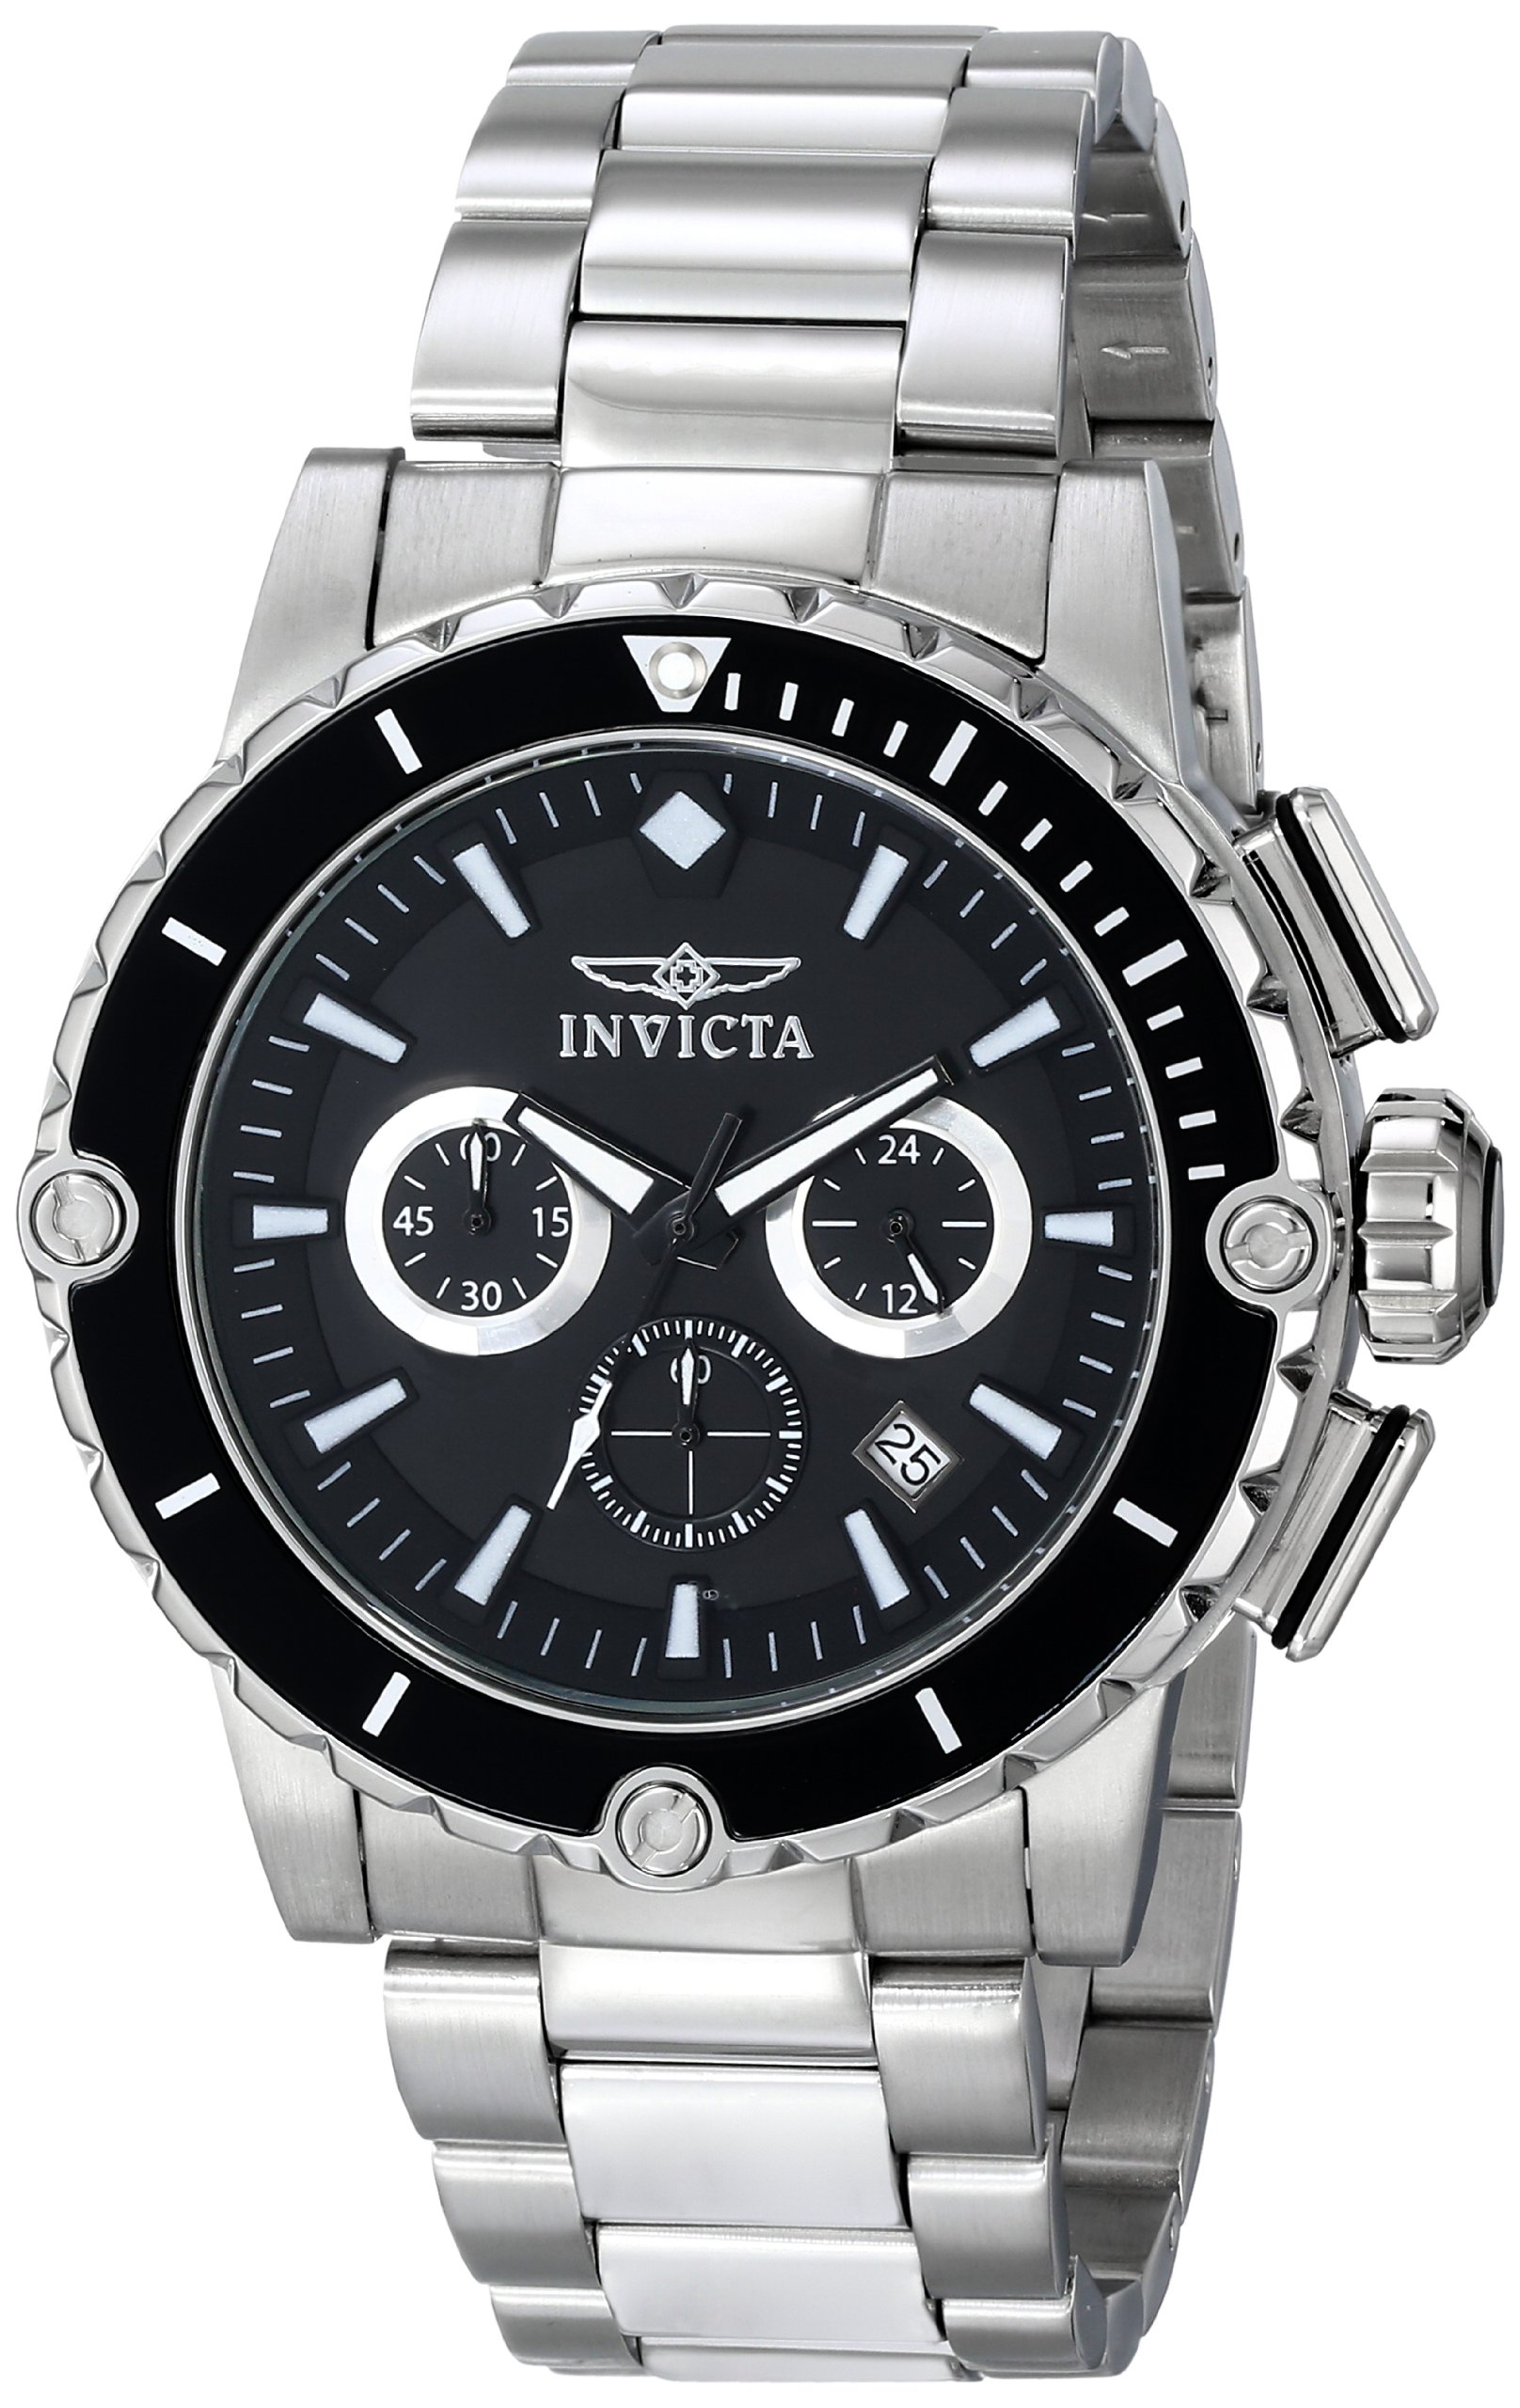 INVICTA 15398 – Reloj de cuarzo para hombre, correa de acero inoxidable color negro